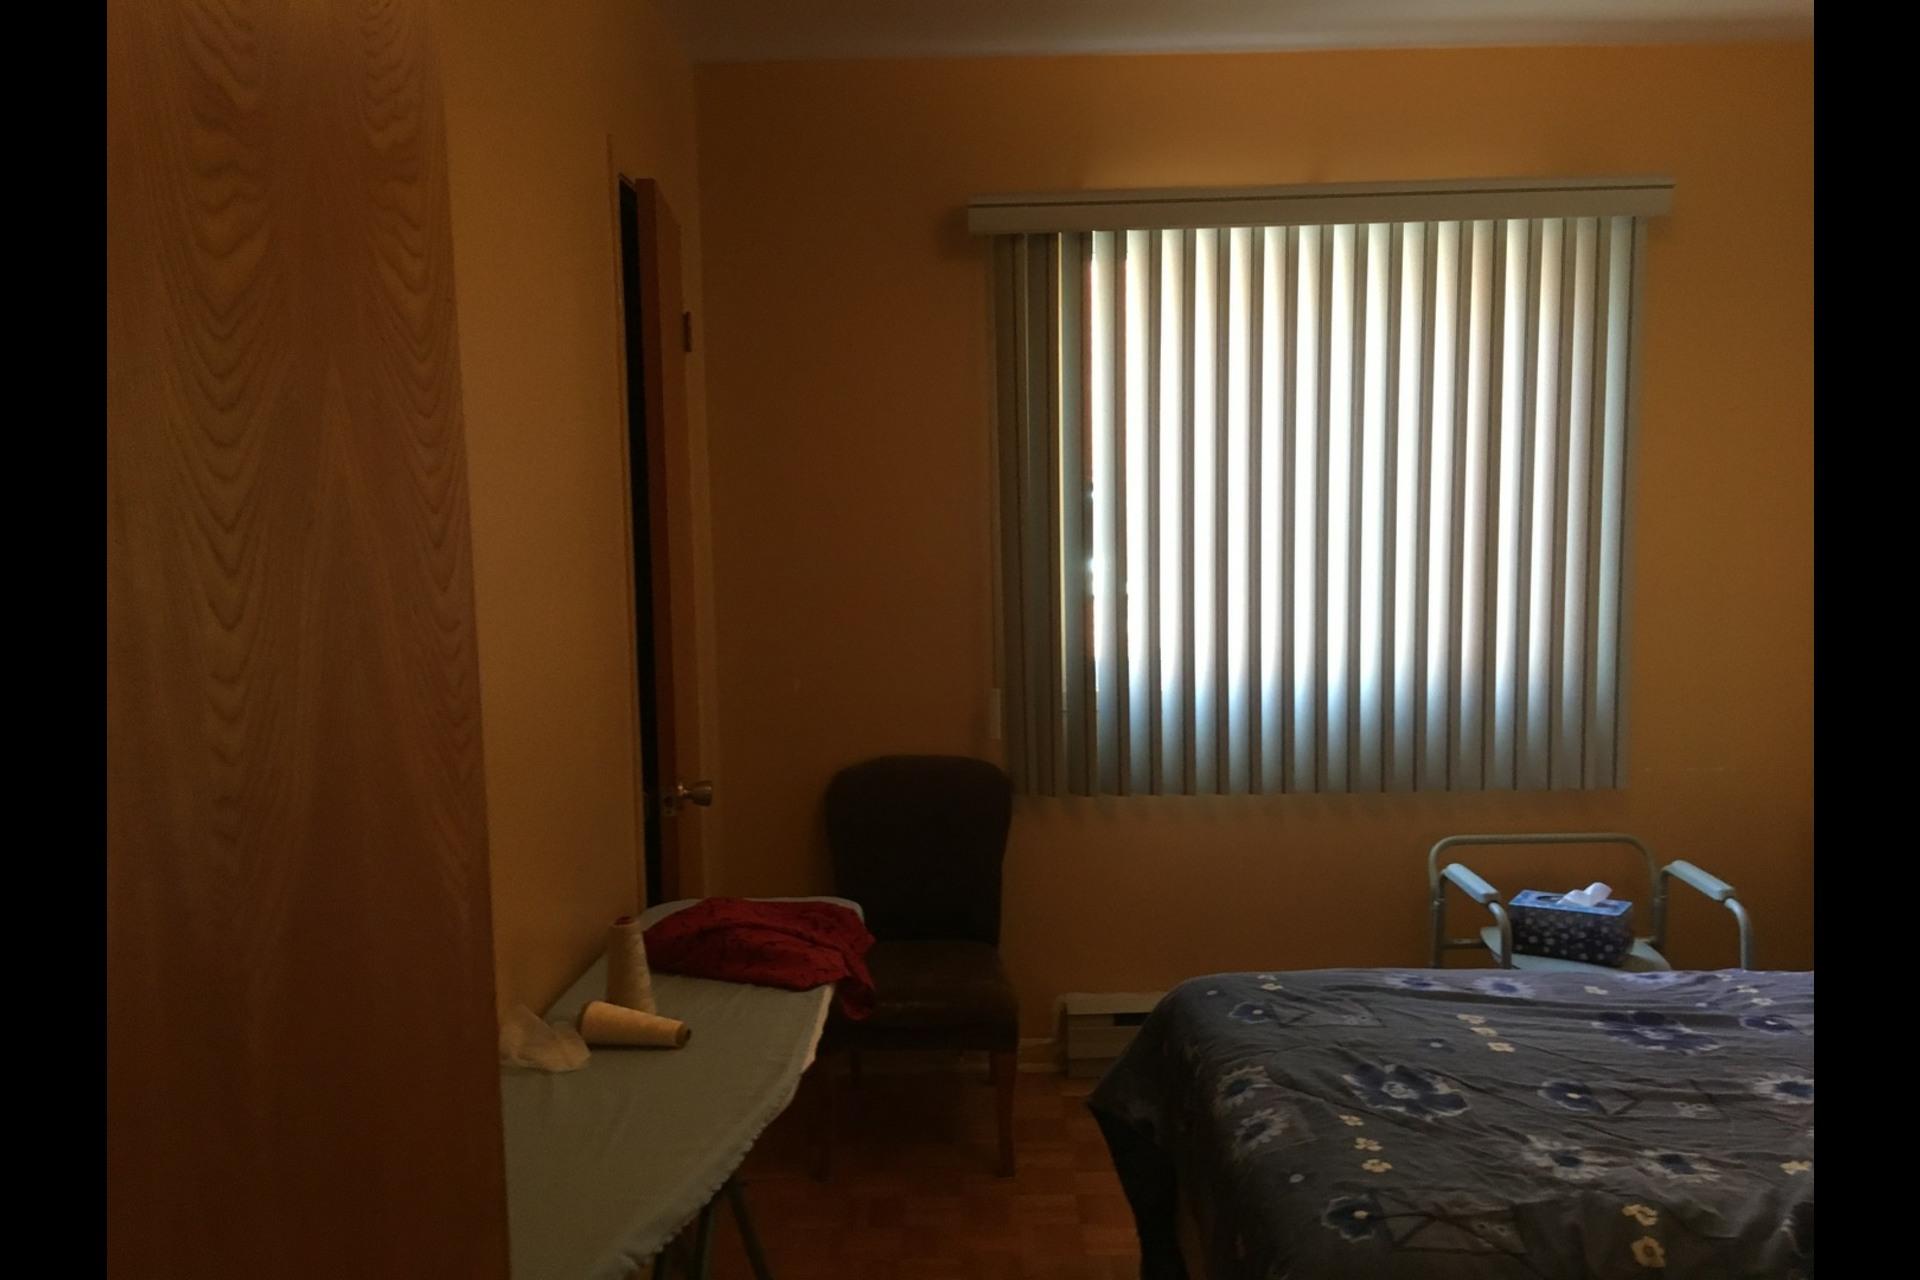 image 5 - Appartement À louer Montréal Montréal-Nord - 6 pièces